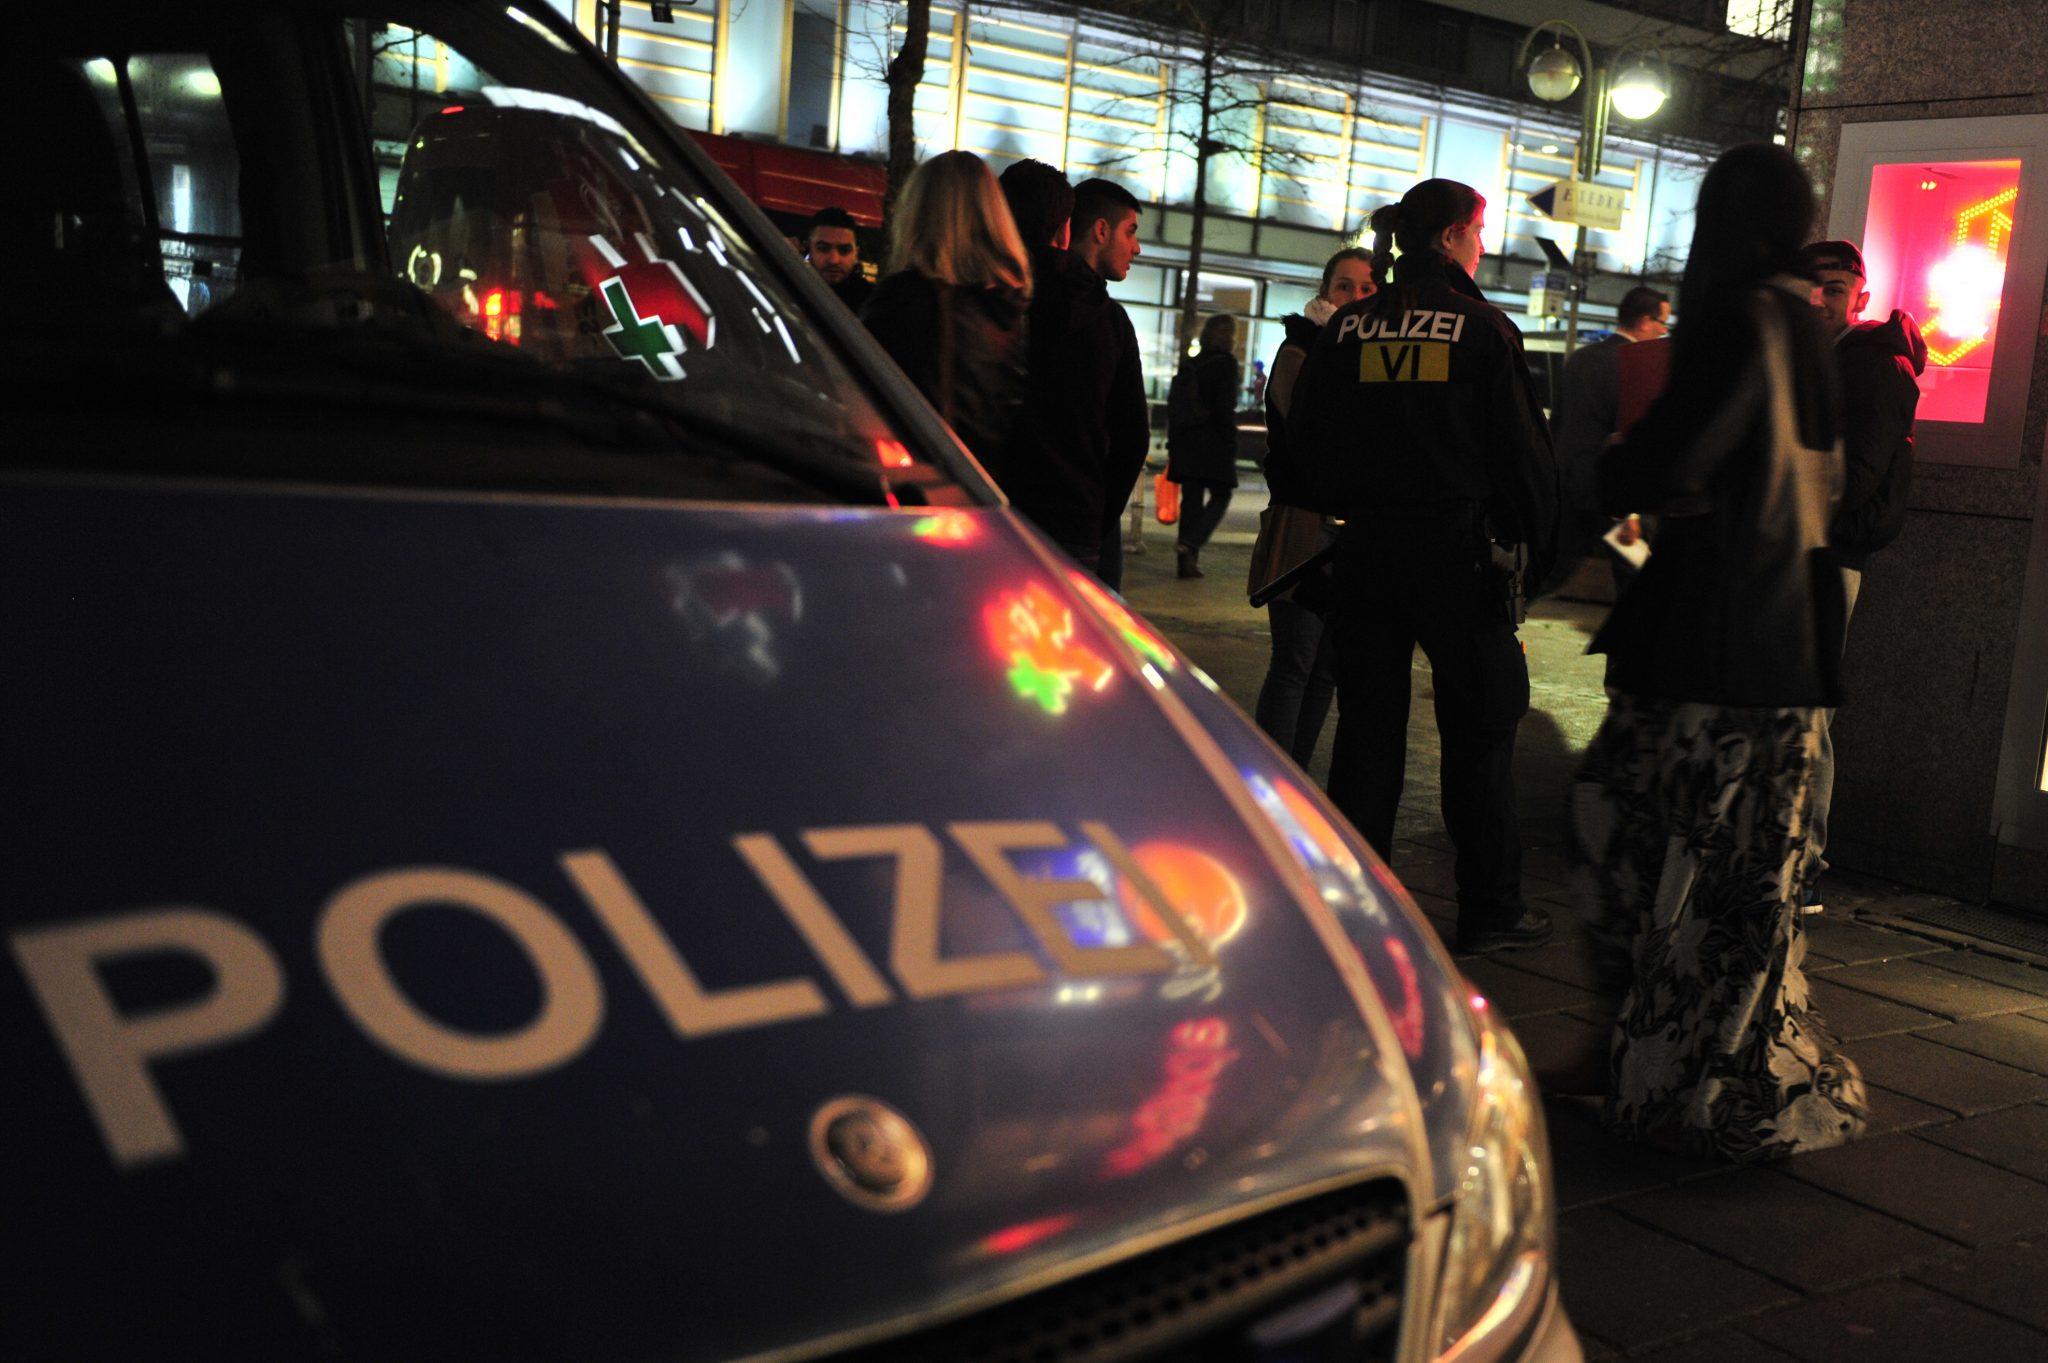 Polizeieinsatz in der Zeil in Frankfurt am Main